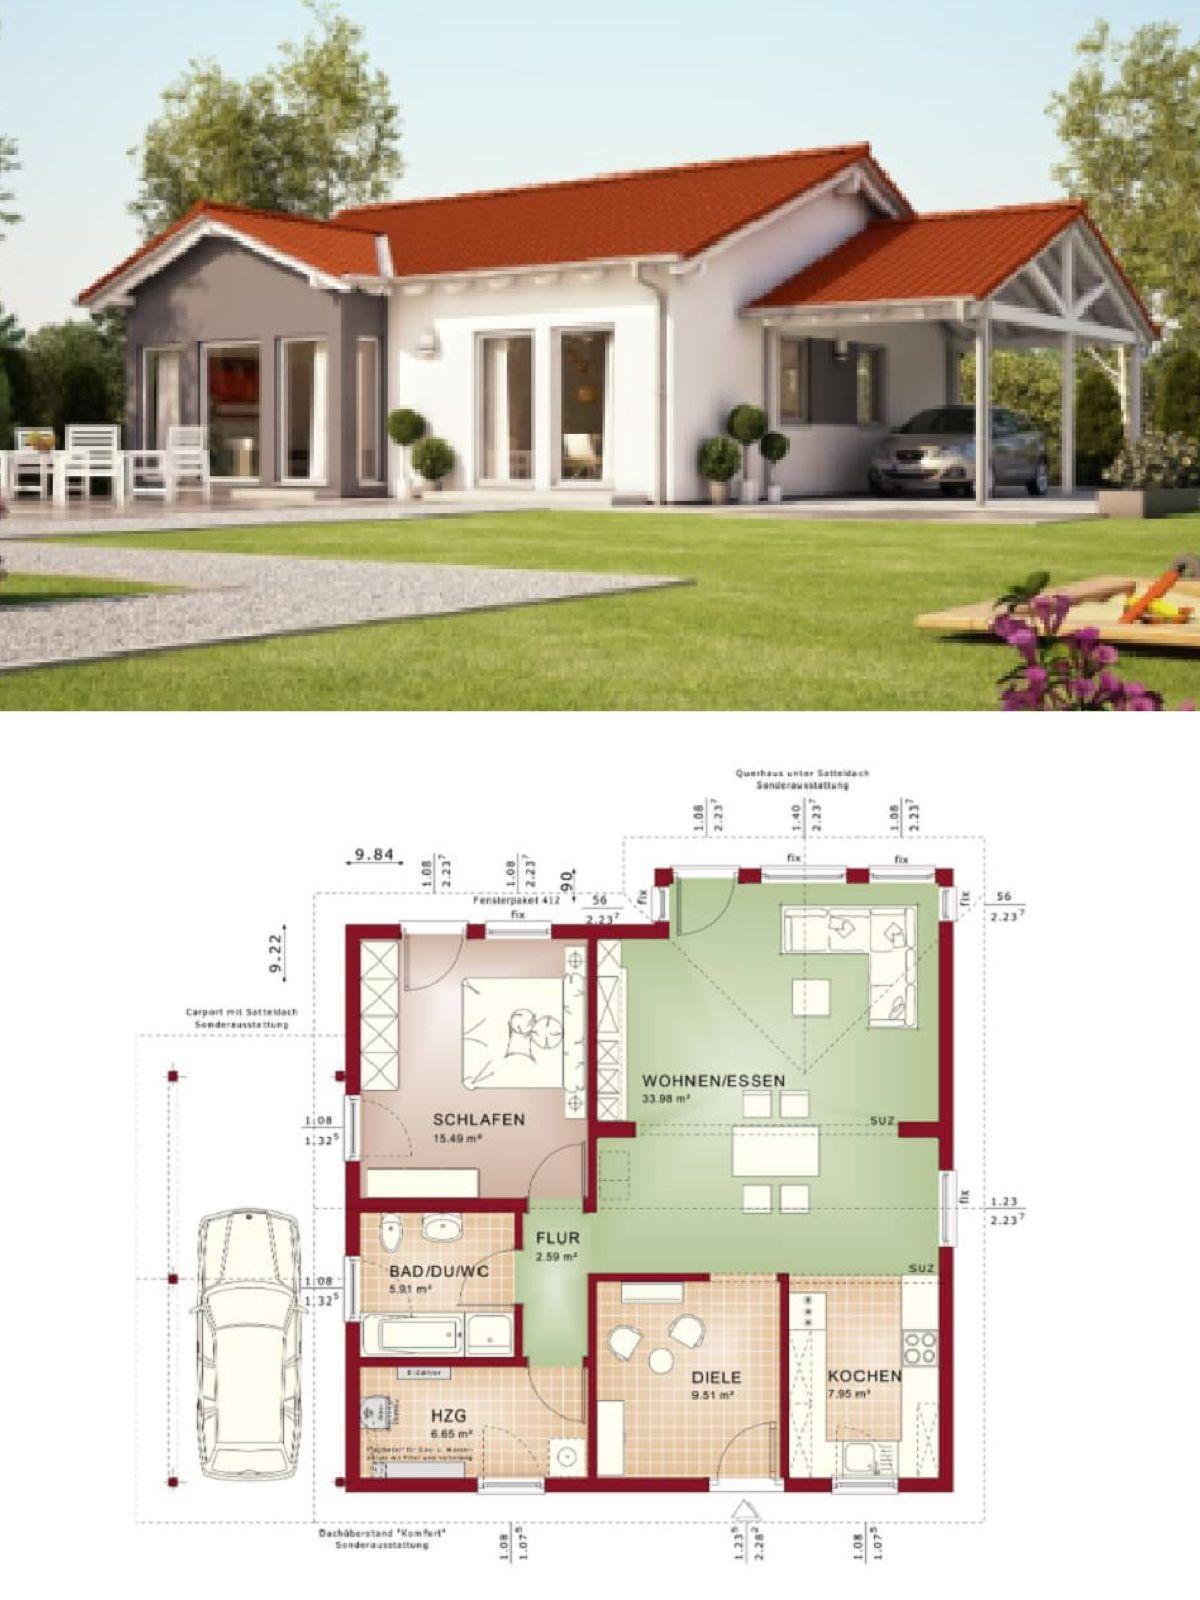 5m2 bad ideen bungalowhaus im landhausstil mit satteldach und carport  gru